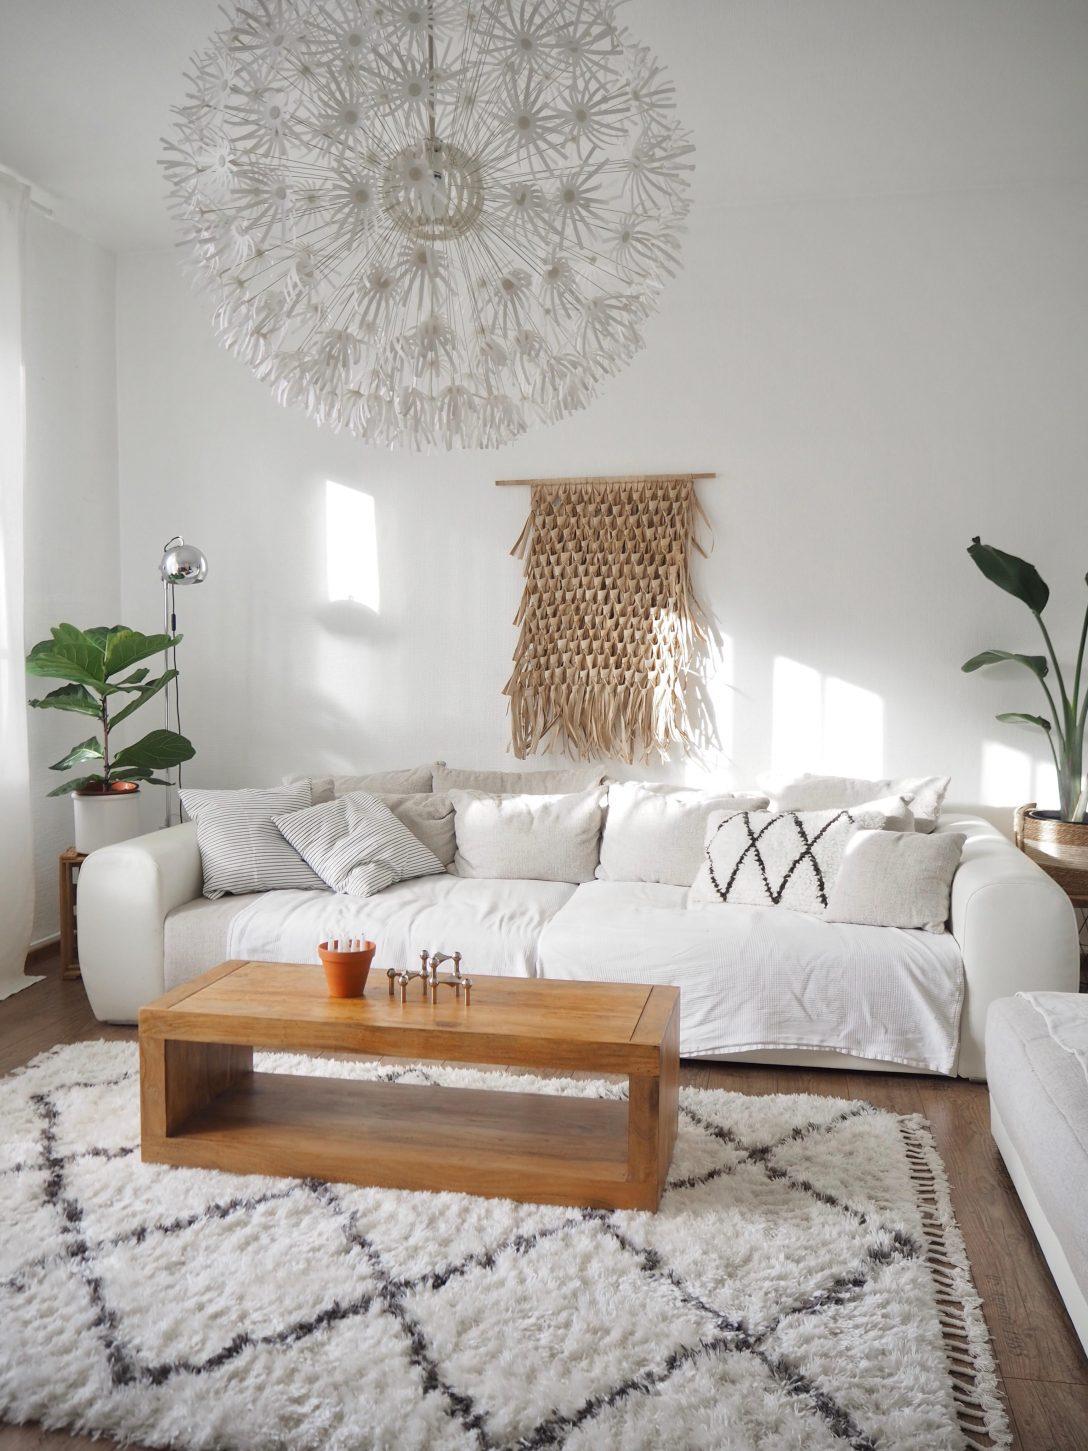 Large Size of Teppich Wohnzimmer Hochflor Tipps Beige Braun Grau Kurzflor Poco Vintage Modern Ikea Inspiration Finde Ideen Bei Couch Bilder Tapete Deko Gardine Stehlampen Wohnzimmer Teppich Wohnzimmer